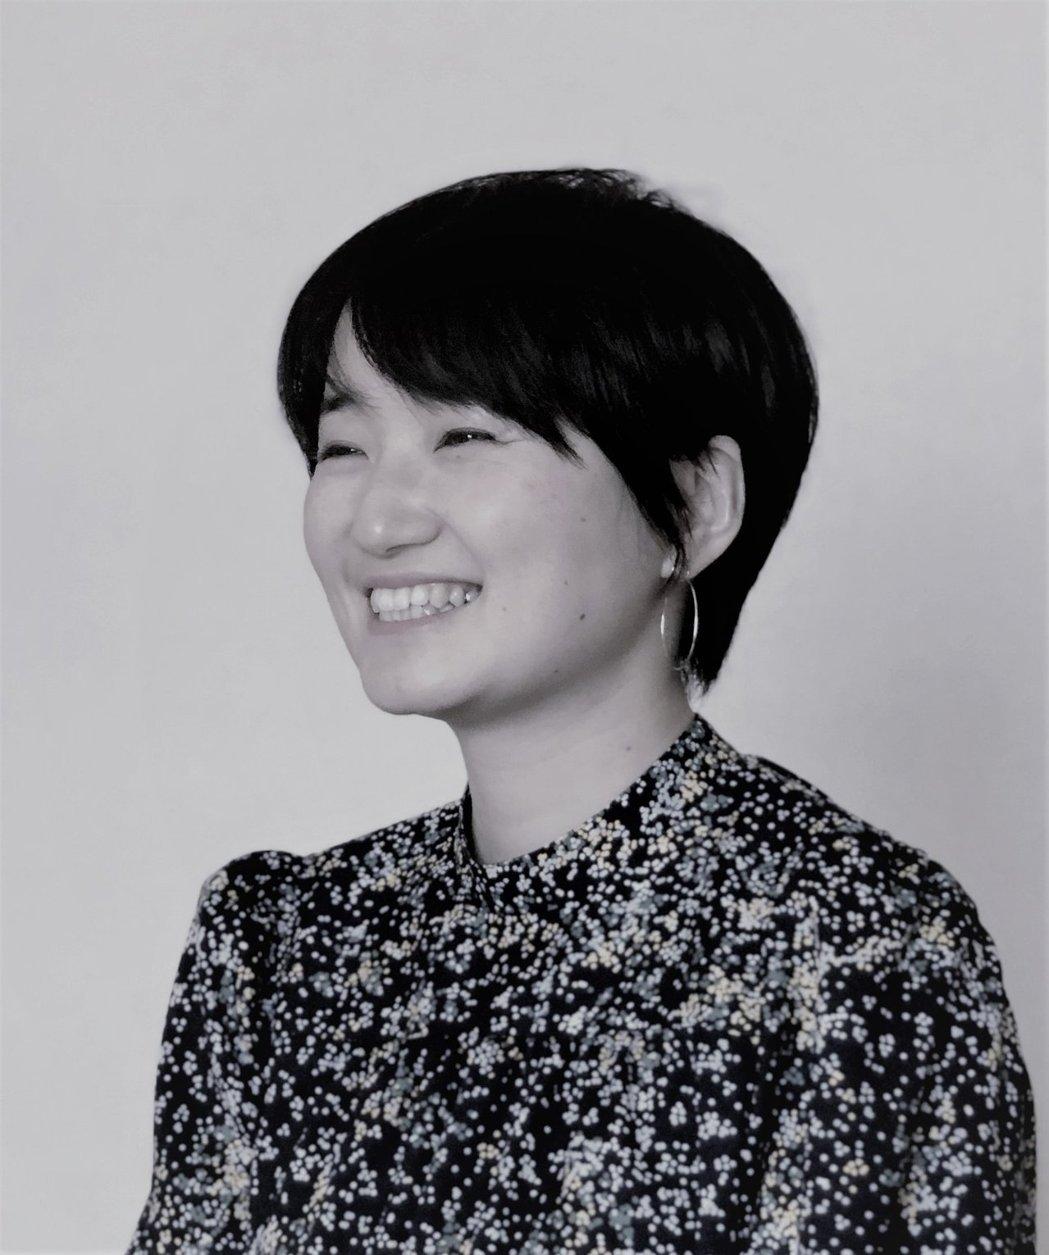 日本新銳建築家大西麻貴建築師. 大西麻貴+百田有希